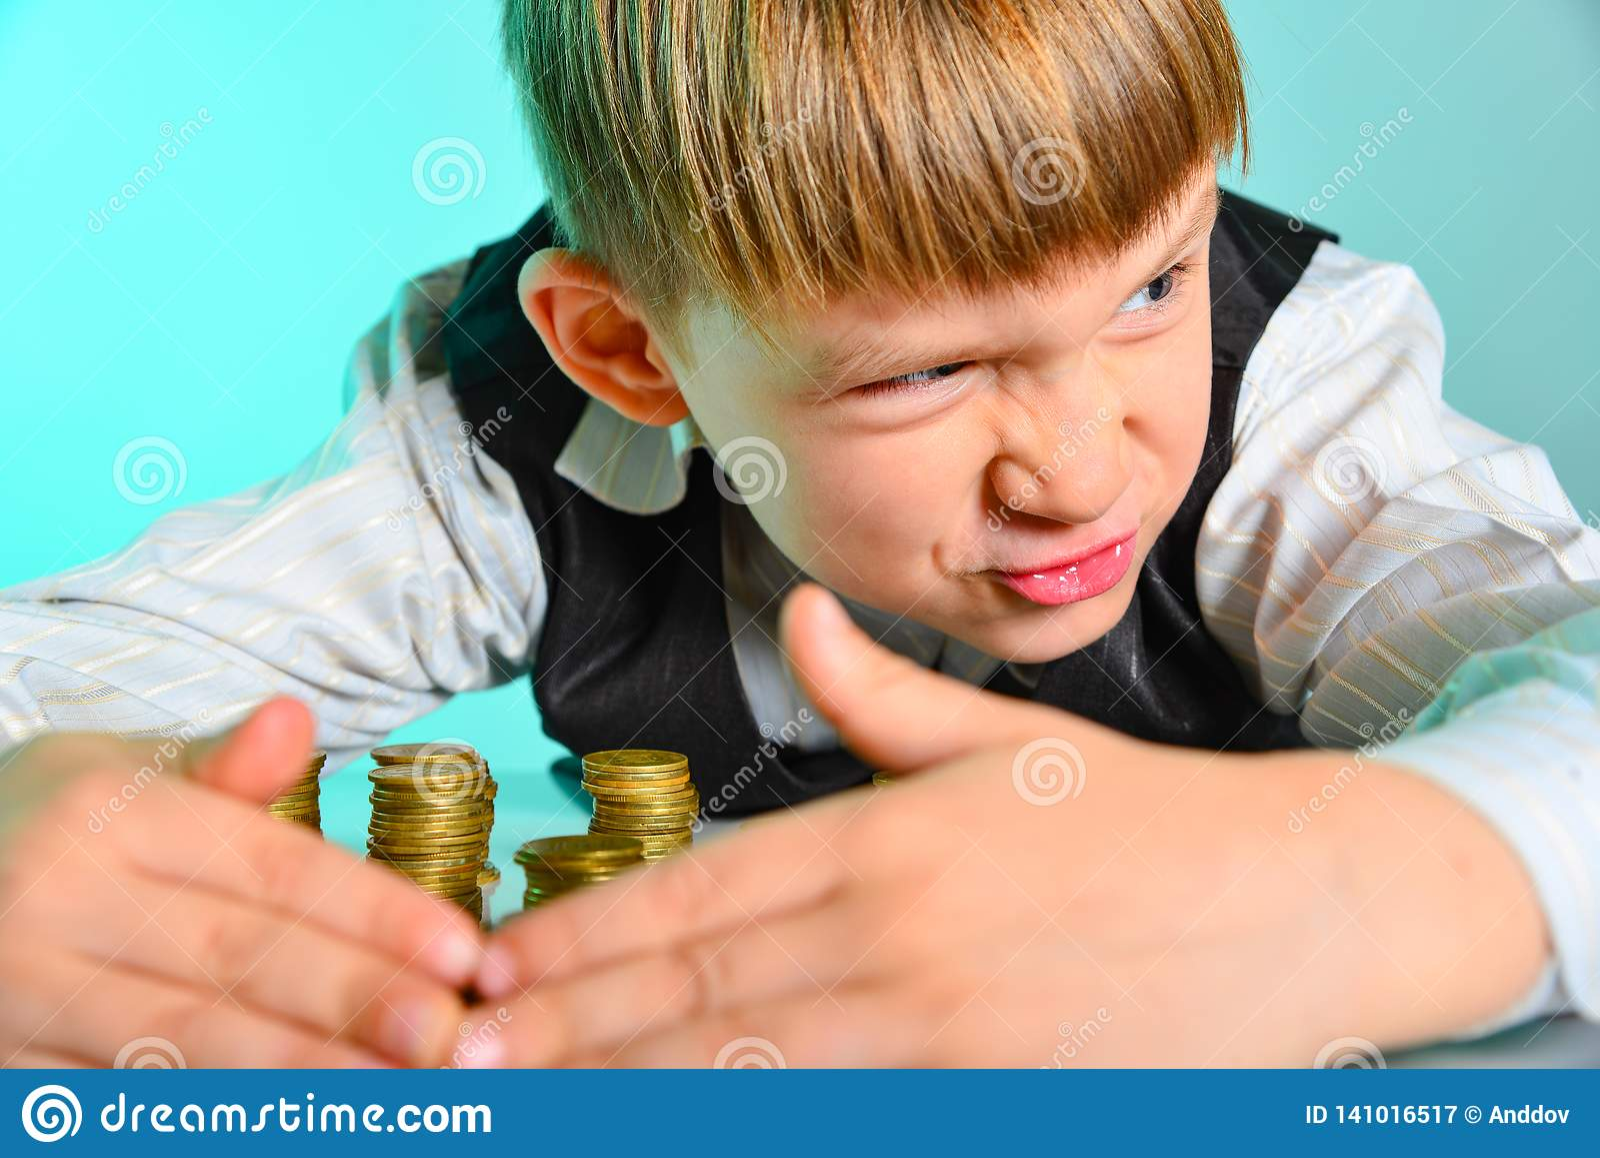 Gniewna i żądna chłopiec chuje jego gotówkowych oszczędzania Żądny i zawzięty pojęcie bogactwo psuł dziecka od dzieciństwa,